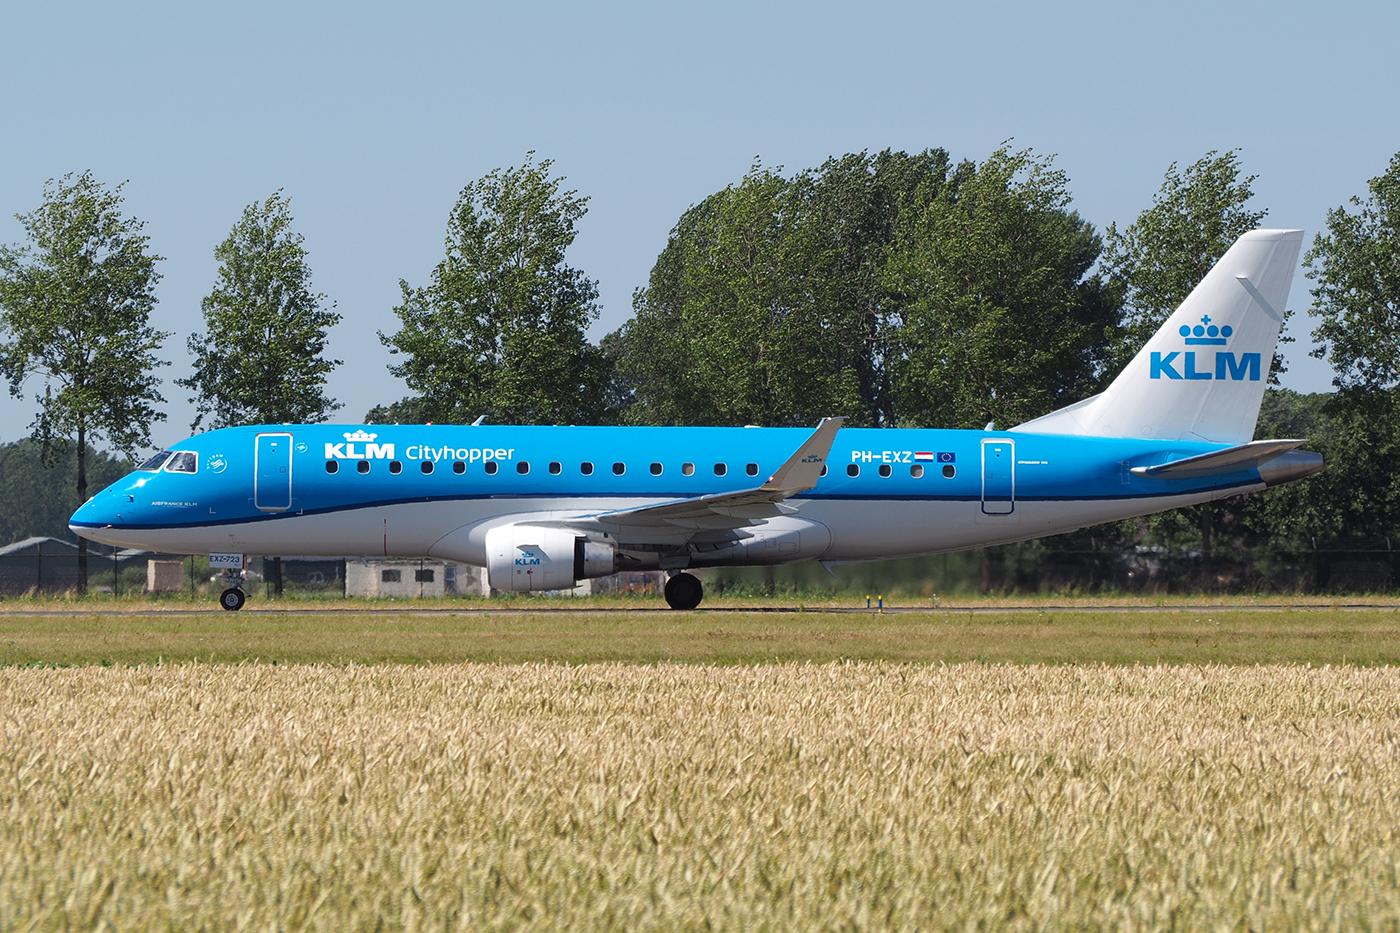 PH-EXZ, KLM cityhopper, Embraer 175